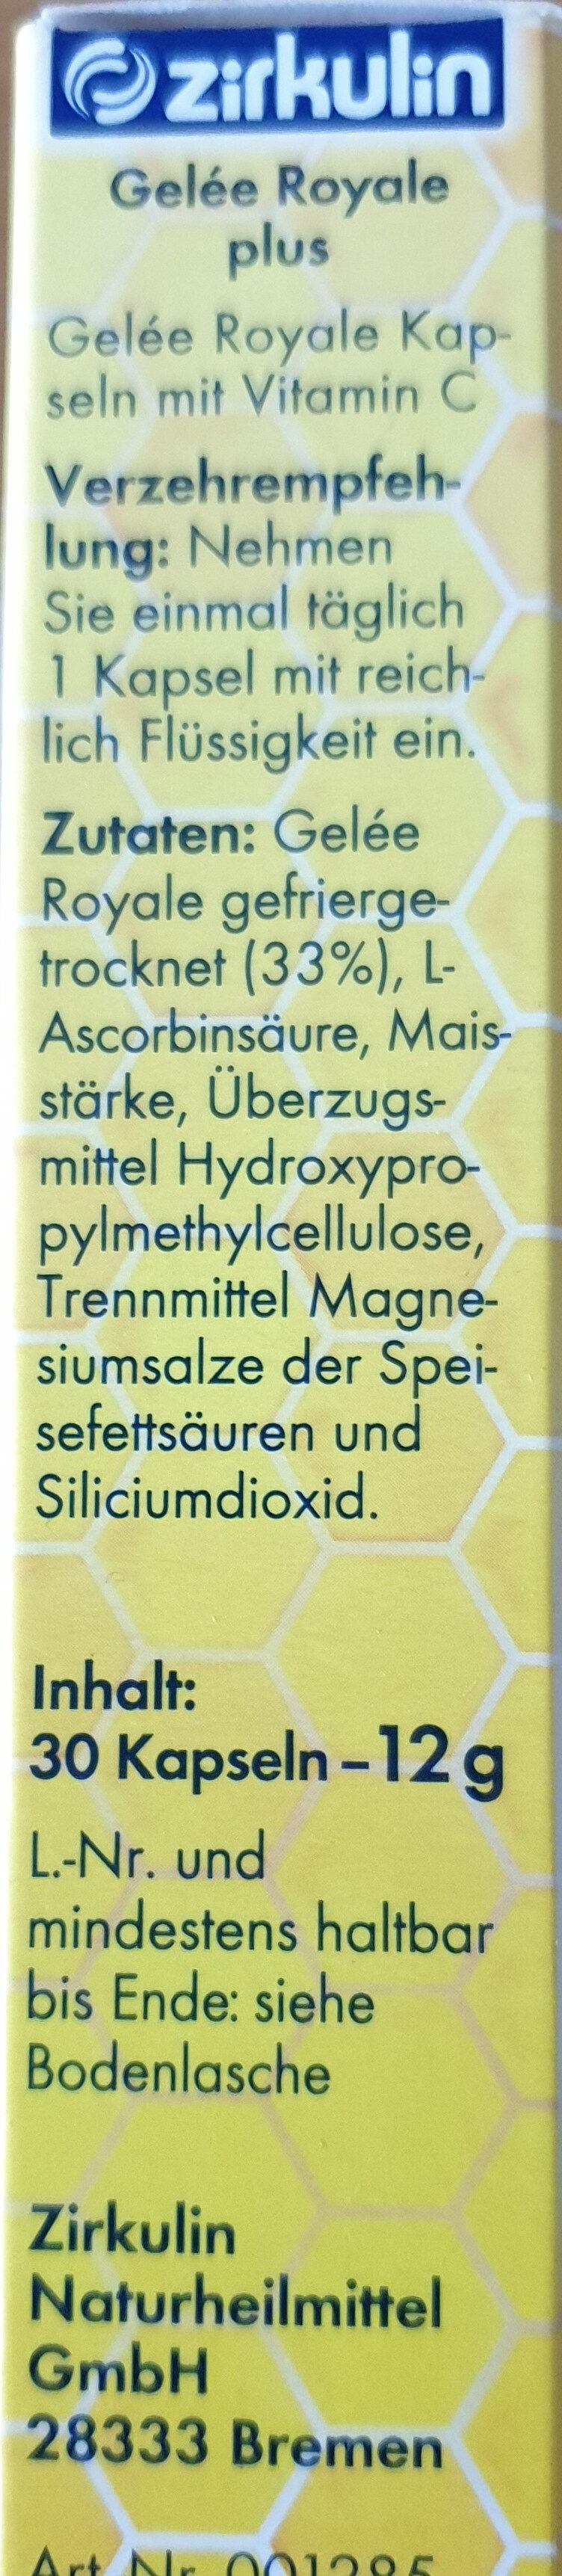 Gelee Royale plus - Inhaltsstoffe